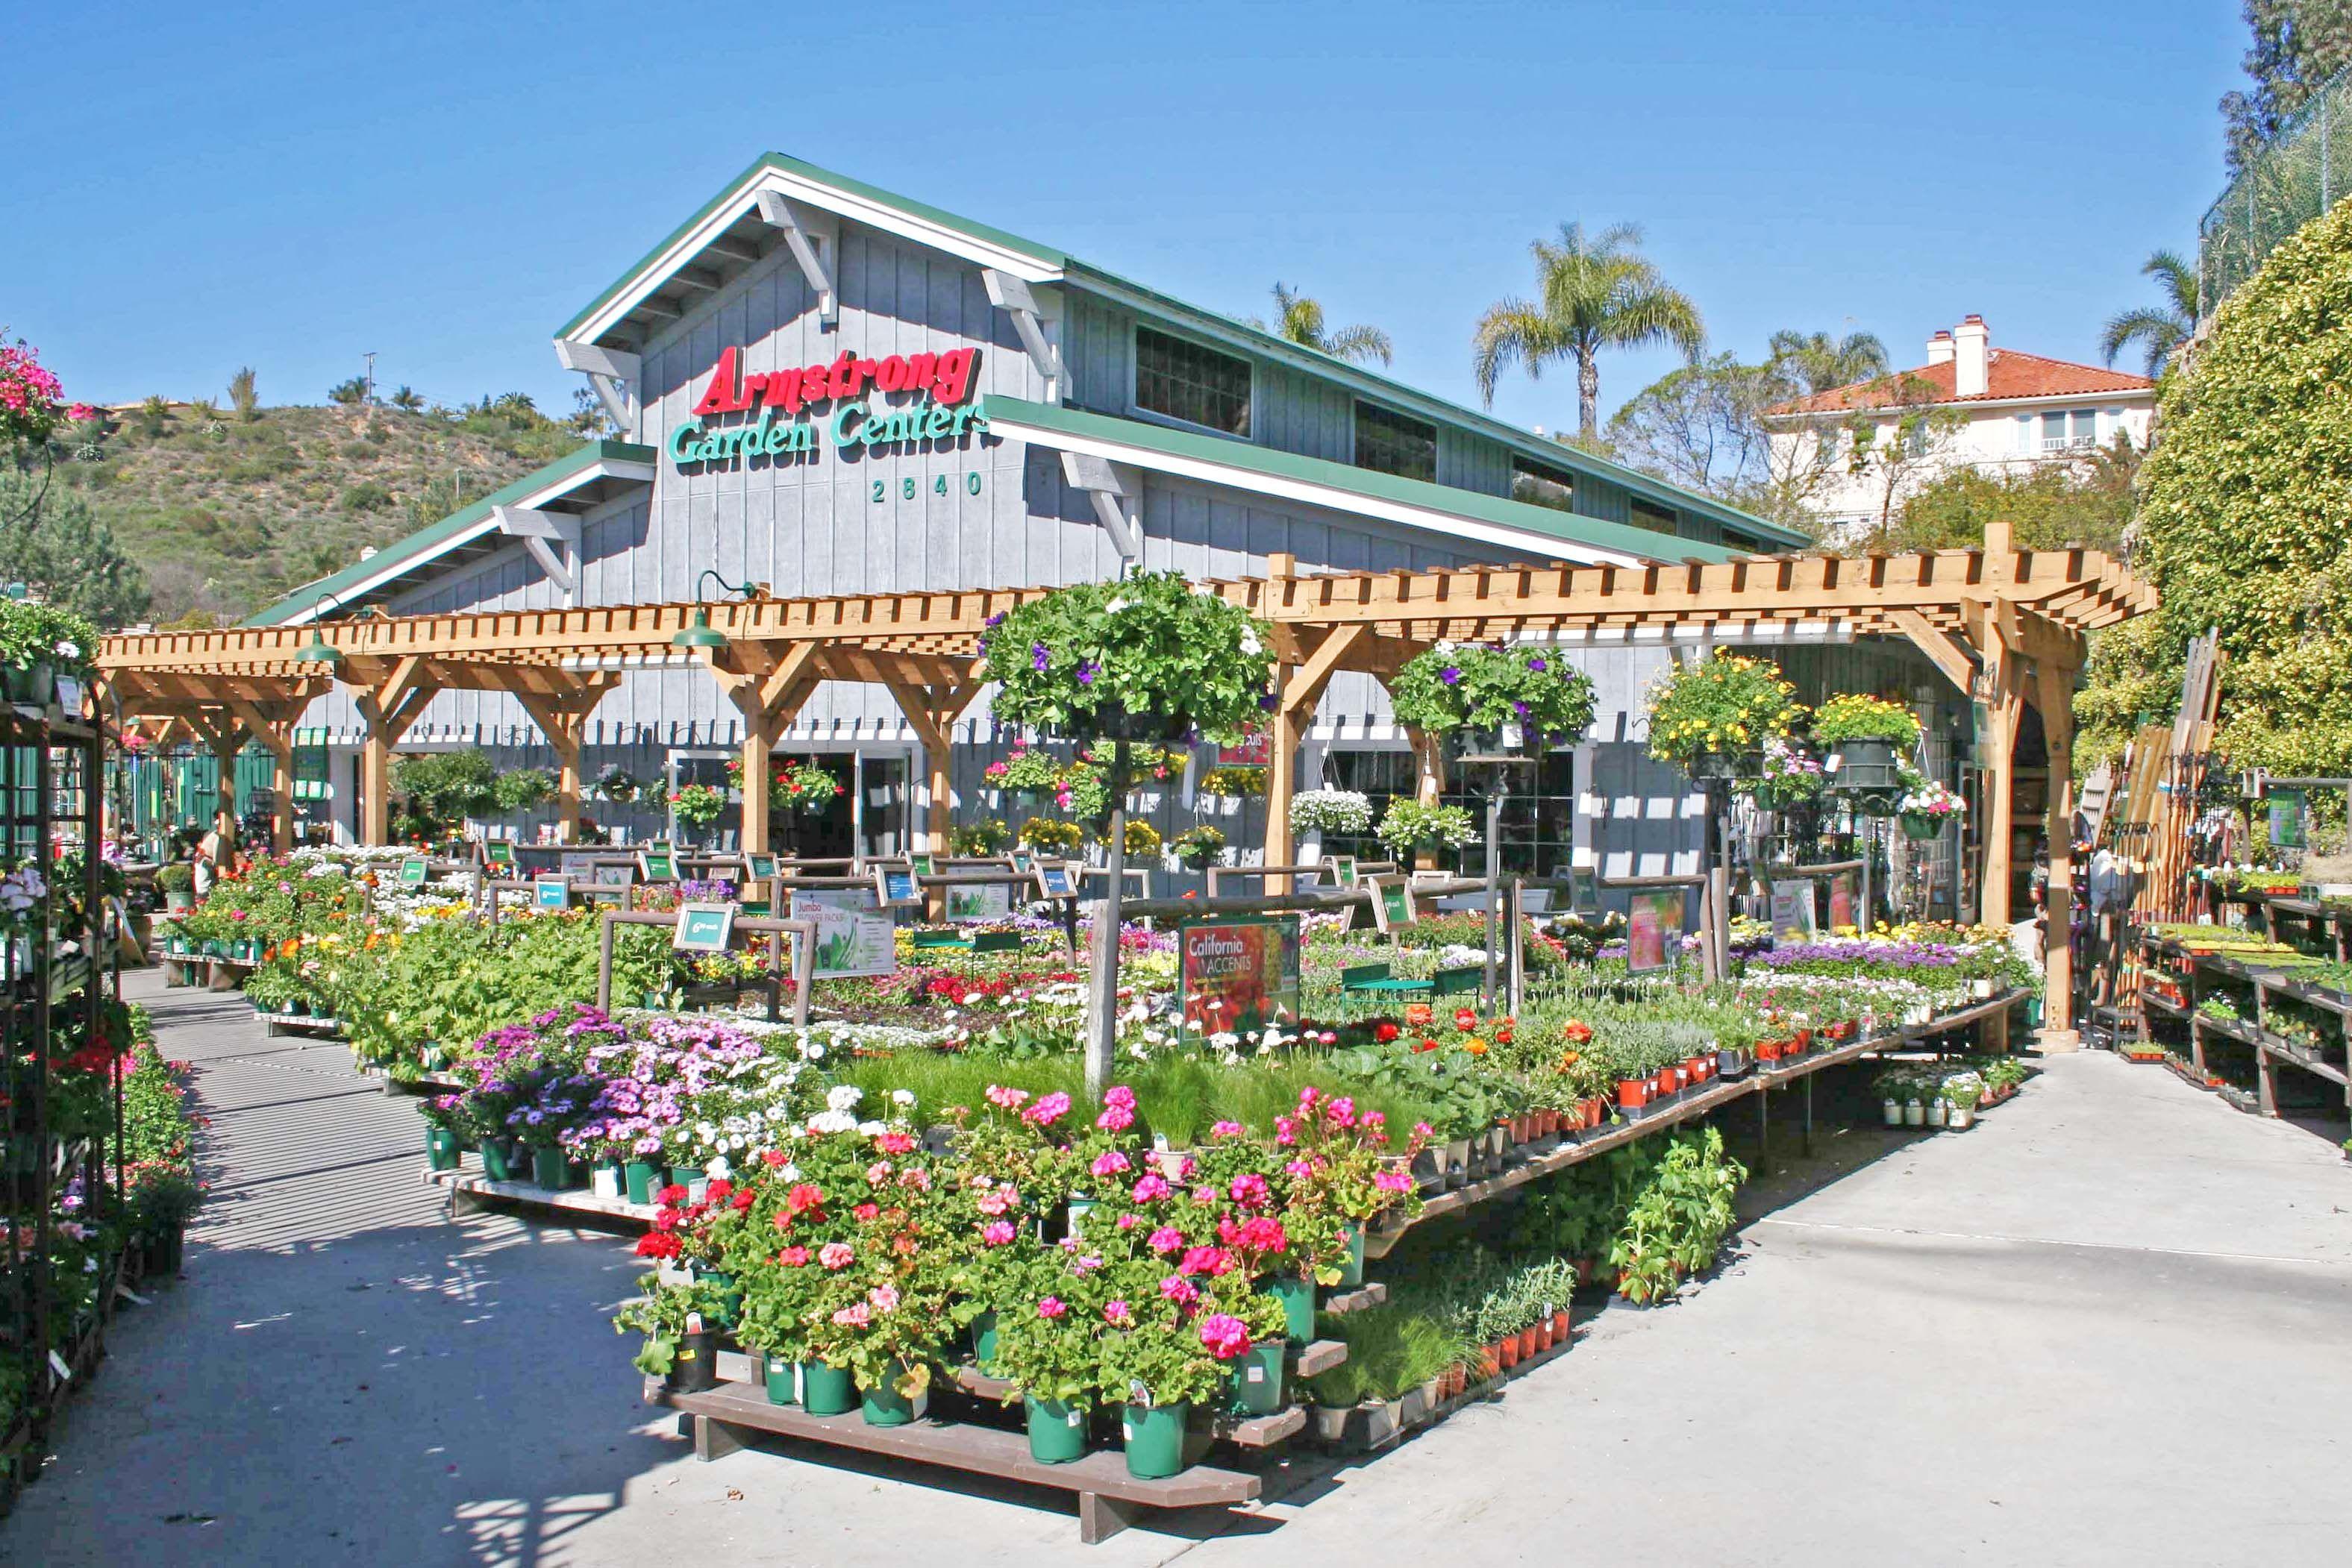 Armstrong Garden Centers Del Mar San Diego Ca Atlanta Botanical